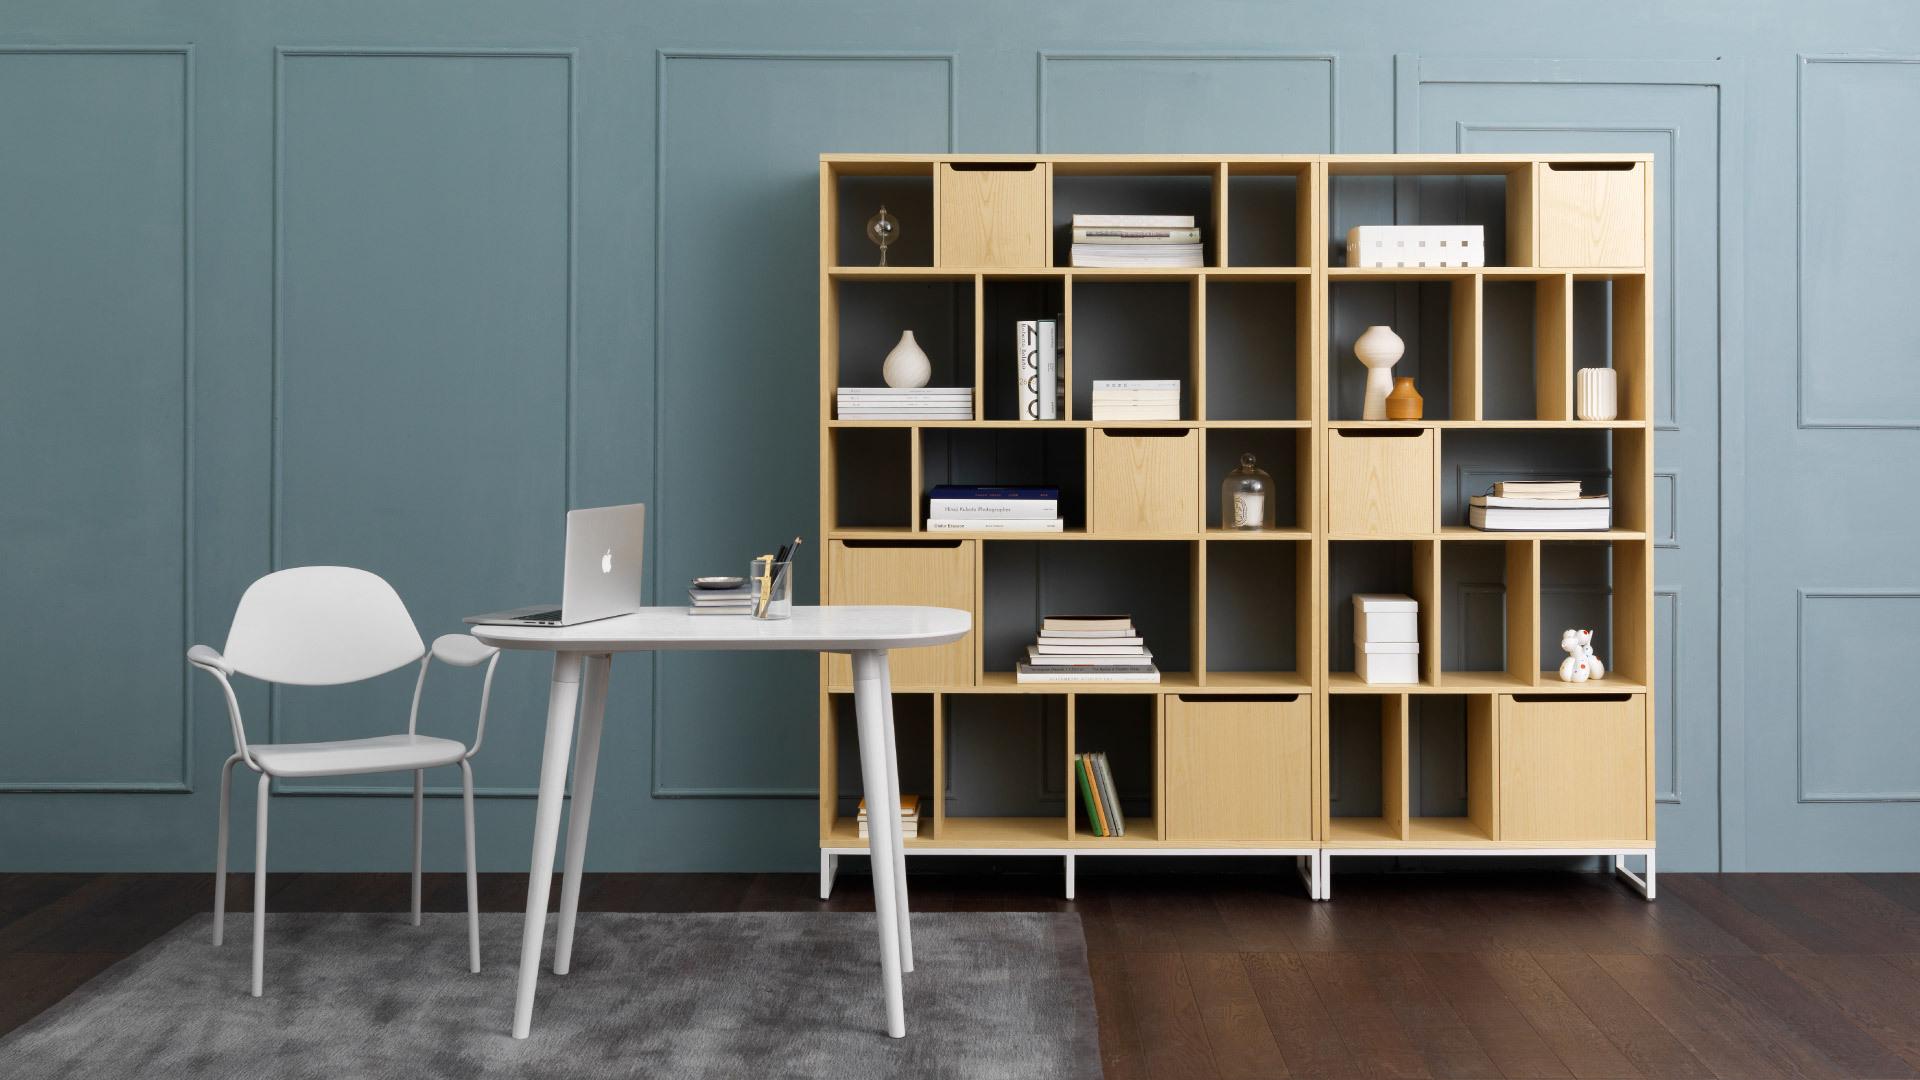 給書房墊一層暖色基調